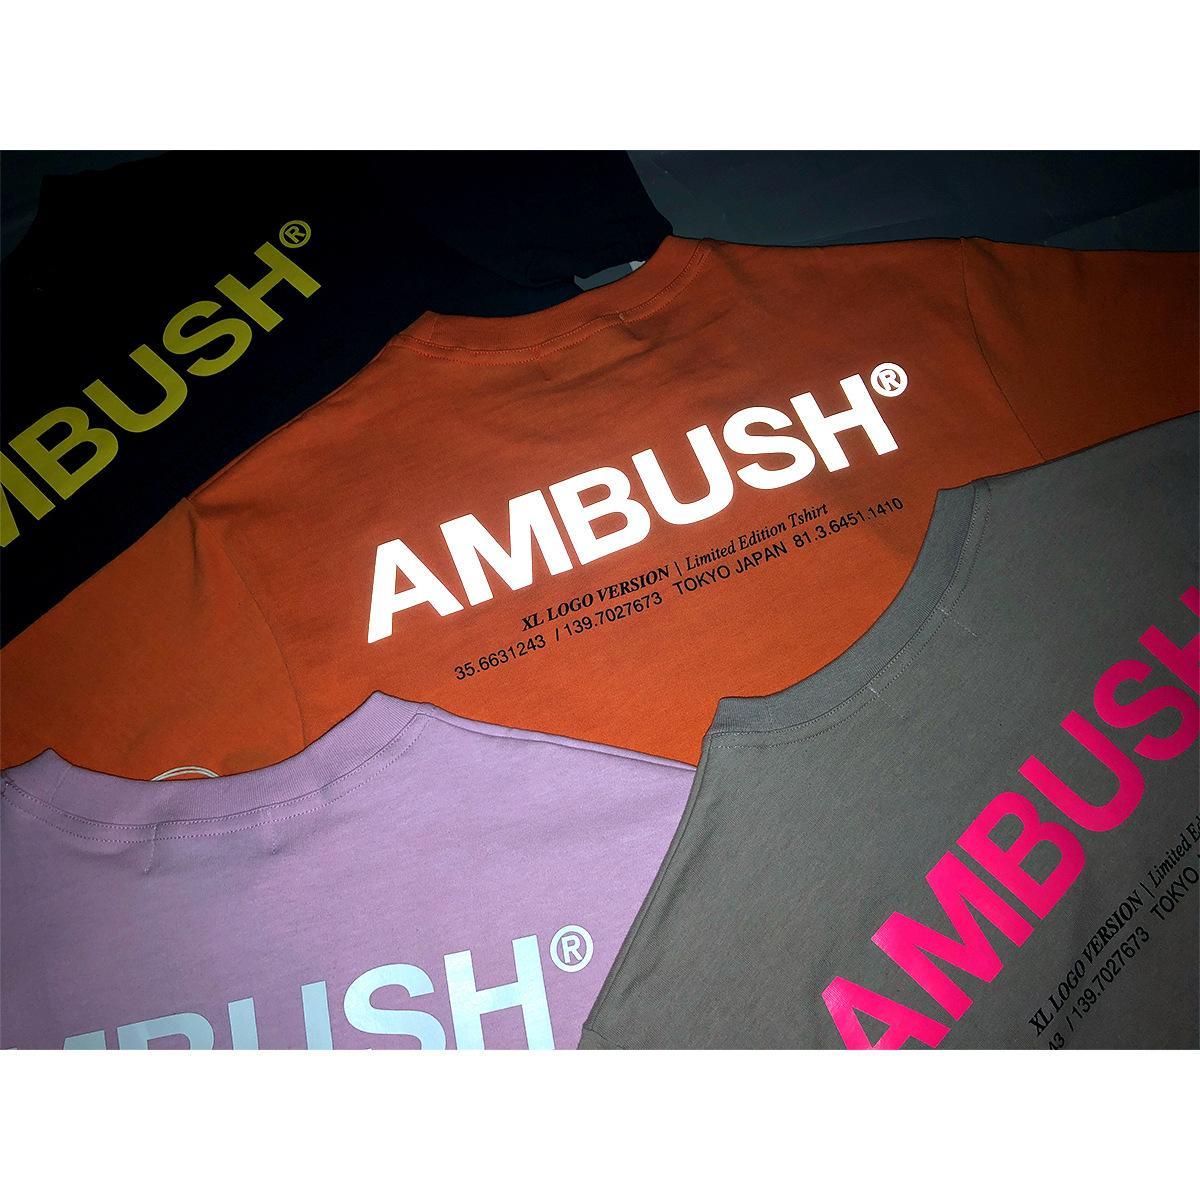 19SS дизайнерская мода засада основные модели дна с коротким рукавом футболка тройник оранжевый светоотражающий логотип INS ultra fire